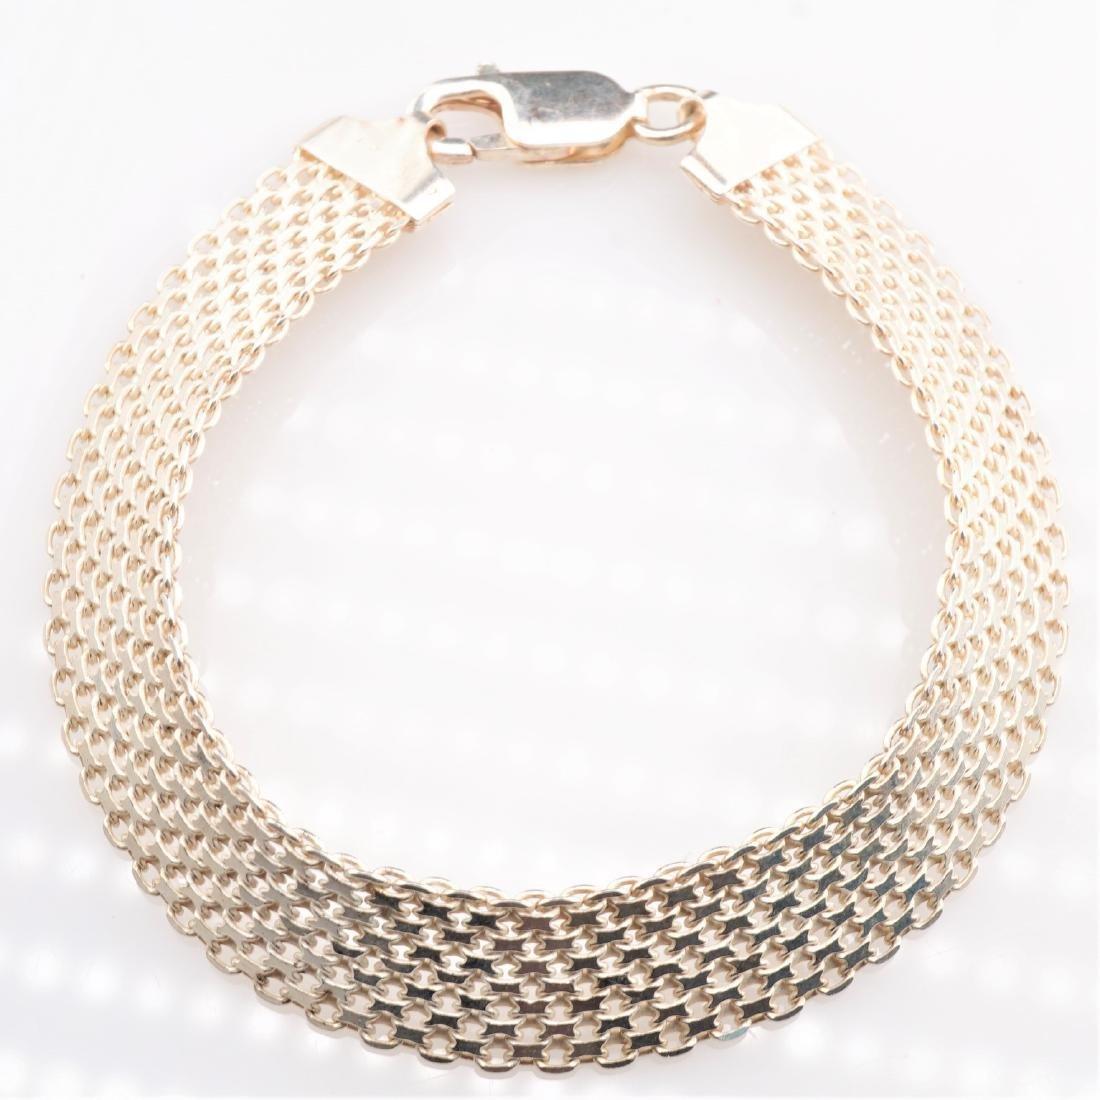 14k WG Mesh Bracelet